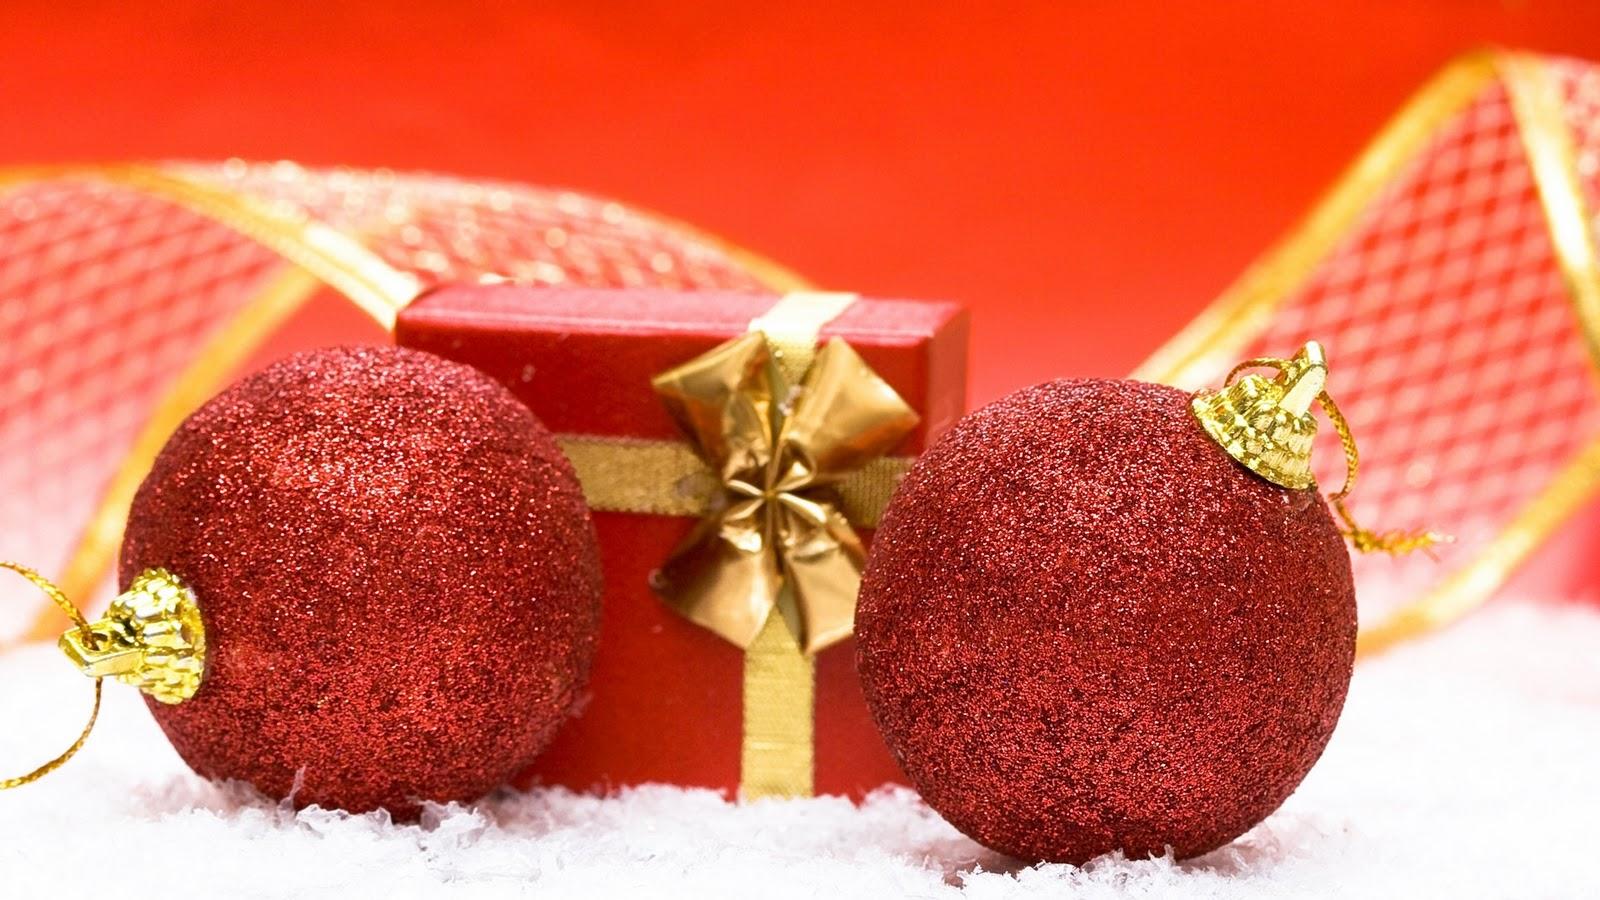 http://3.bp.blogspot.com/-RgZUO8mBZyg/Tn7t8yS5XeI/AAAAAAAAAvc/FwzKCjxQz9Y/s1600/Free+Desktop+Christmas+wallpapers.jpg